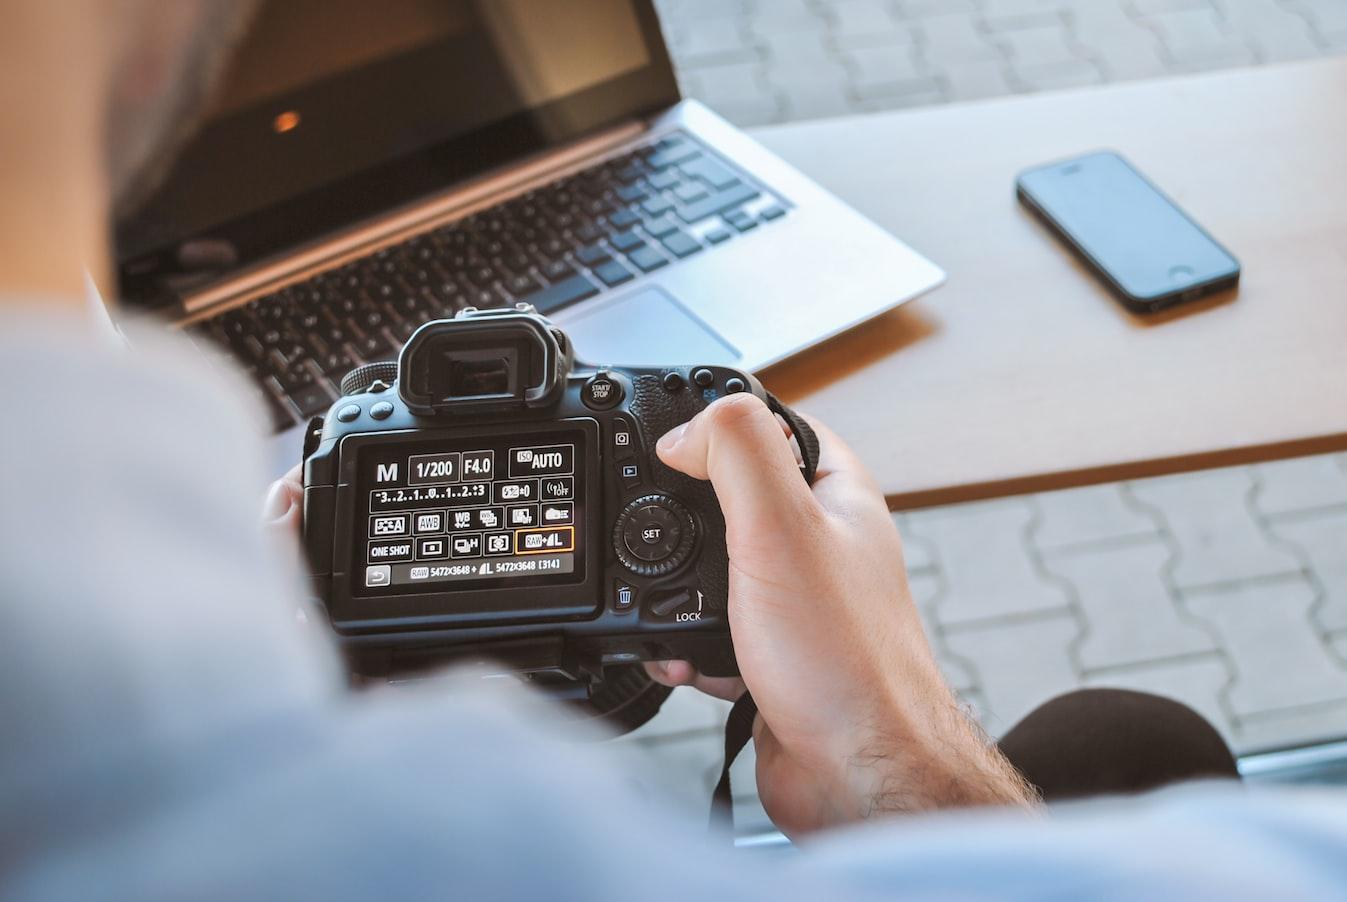 Belajar Fotografi #8: Metering (Pengukuran)